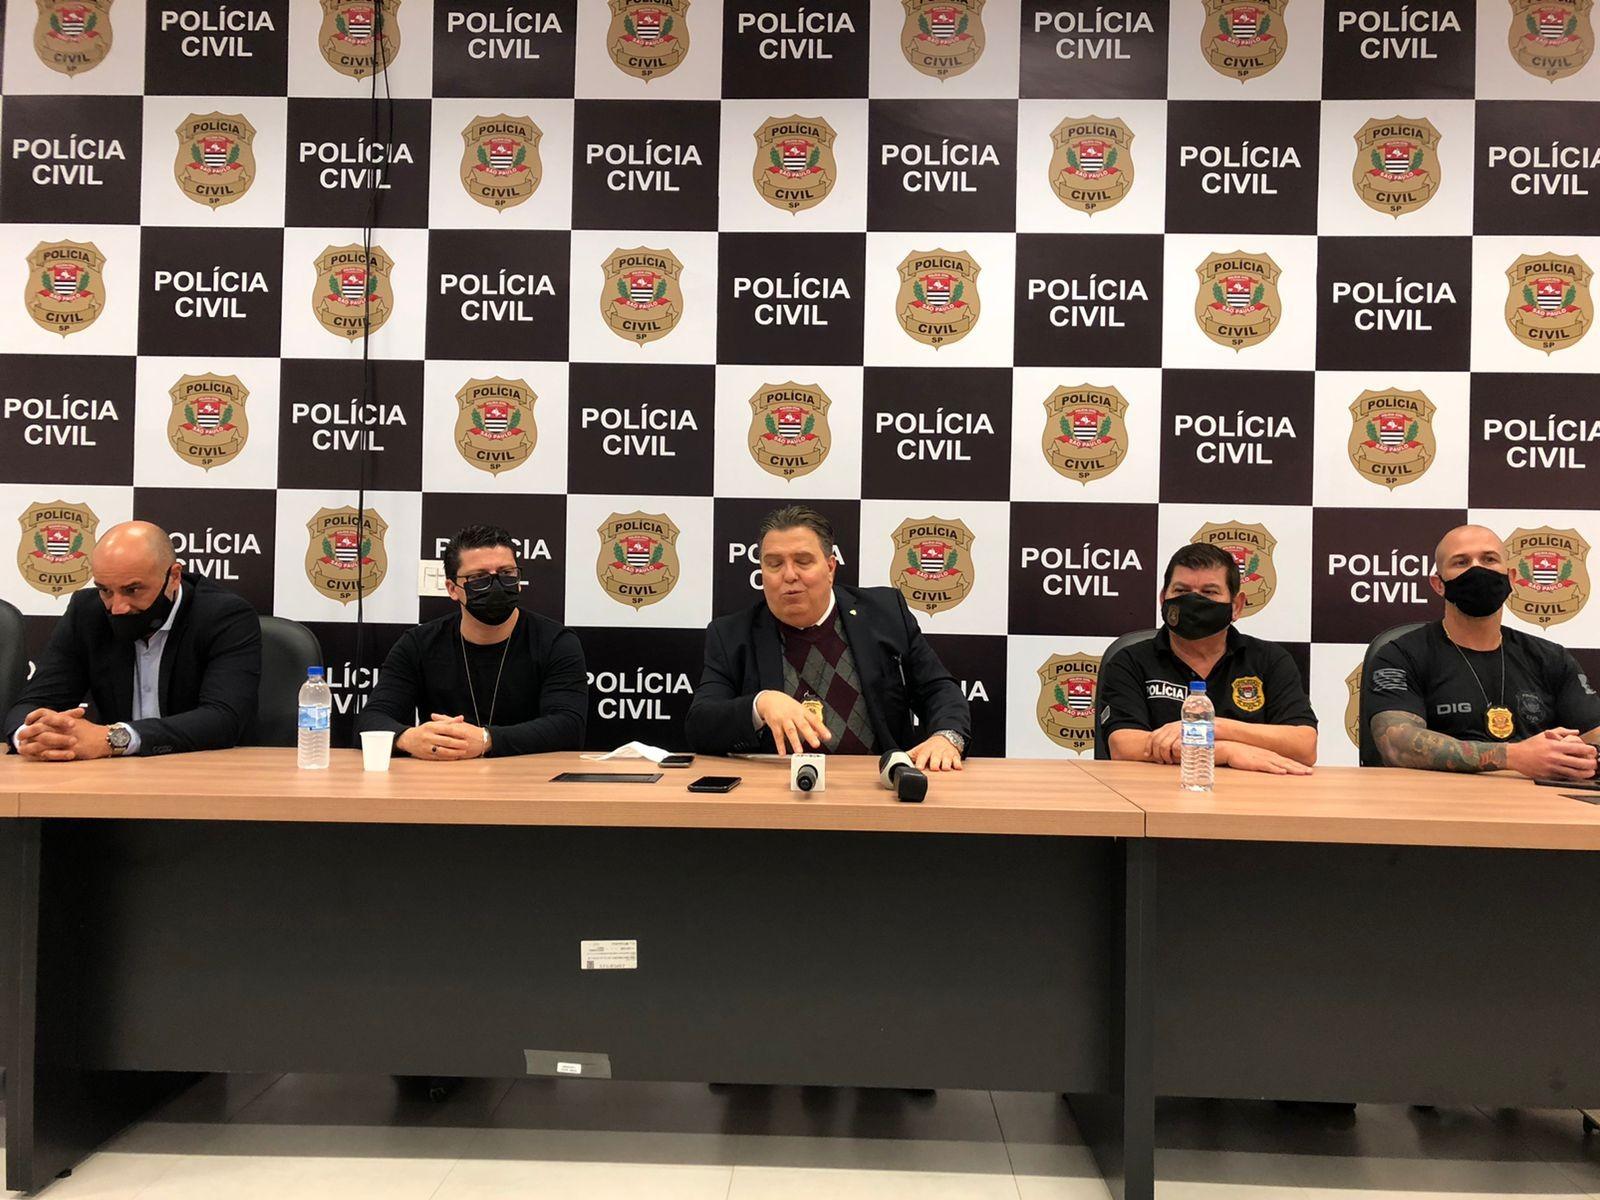 Operação da Deic de São José prende trio suspeito de integrar organização de tráfico de drogas, armas e lavagem de dinheiro